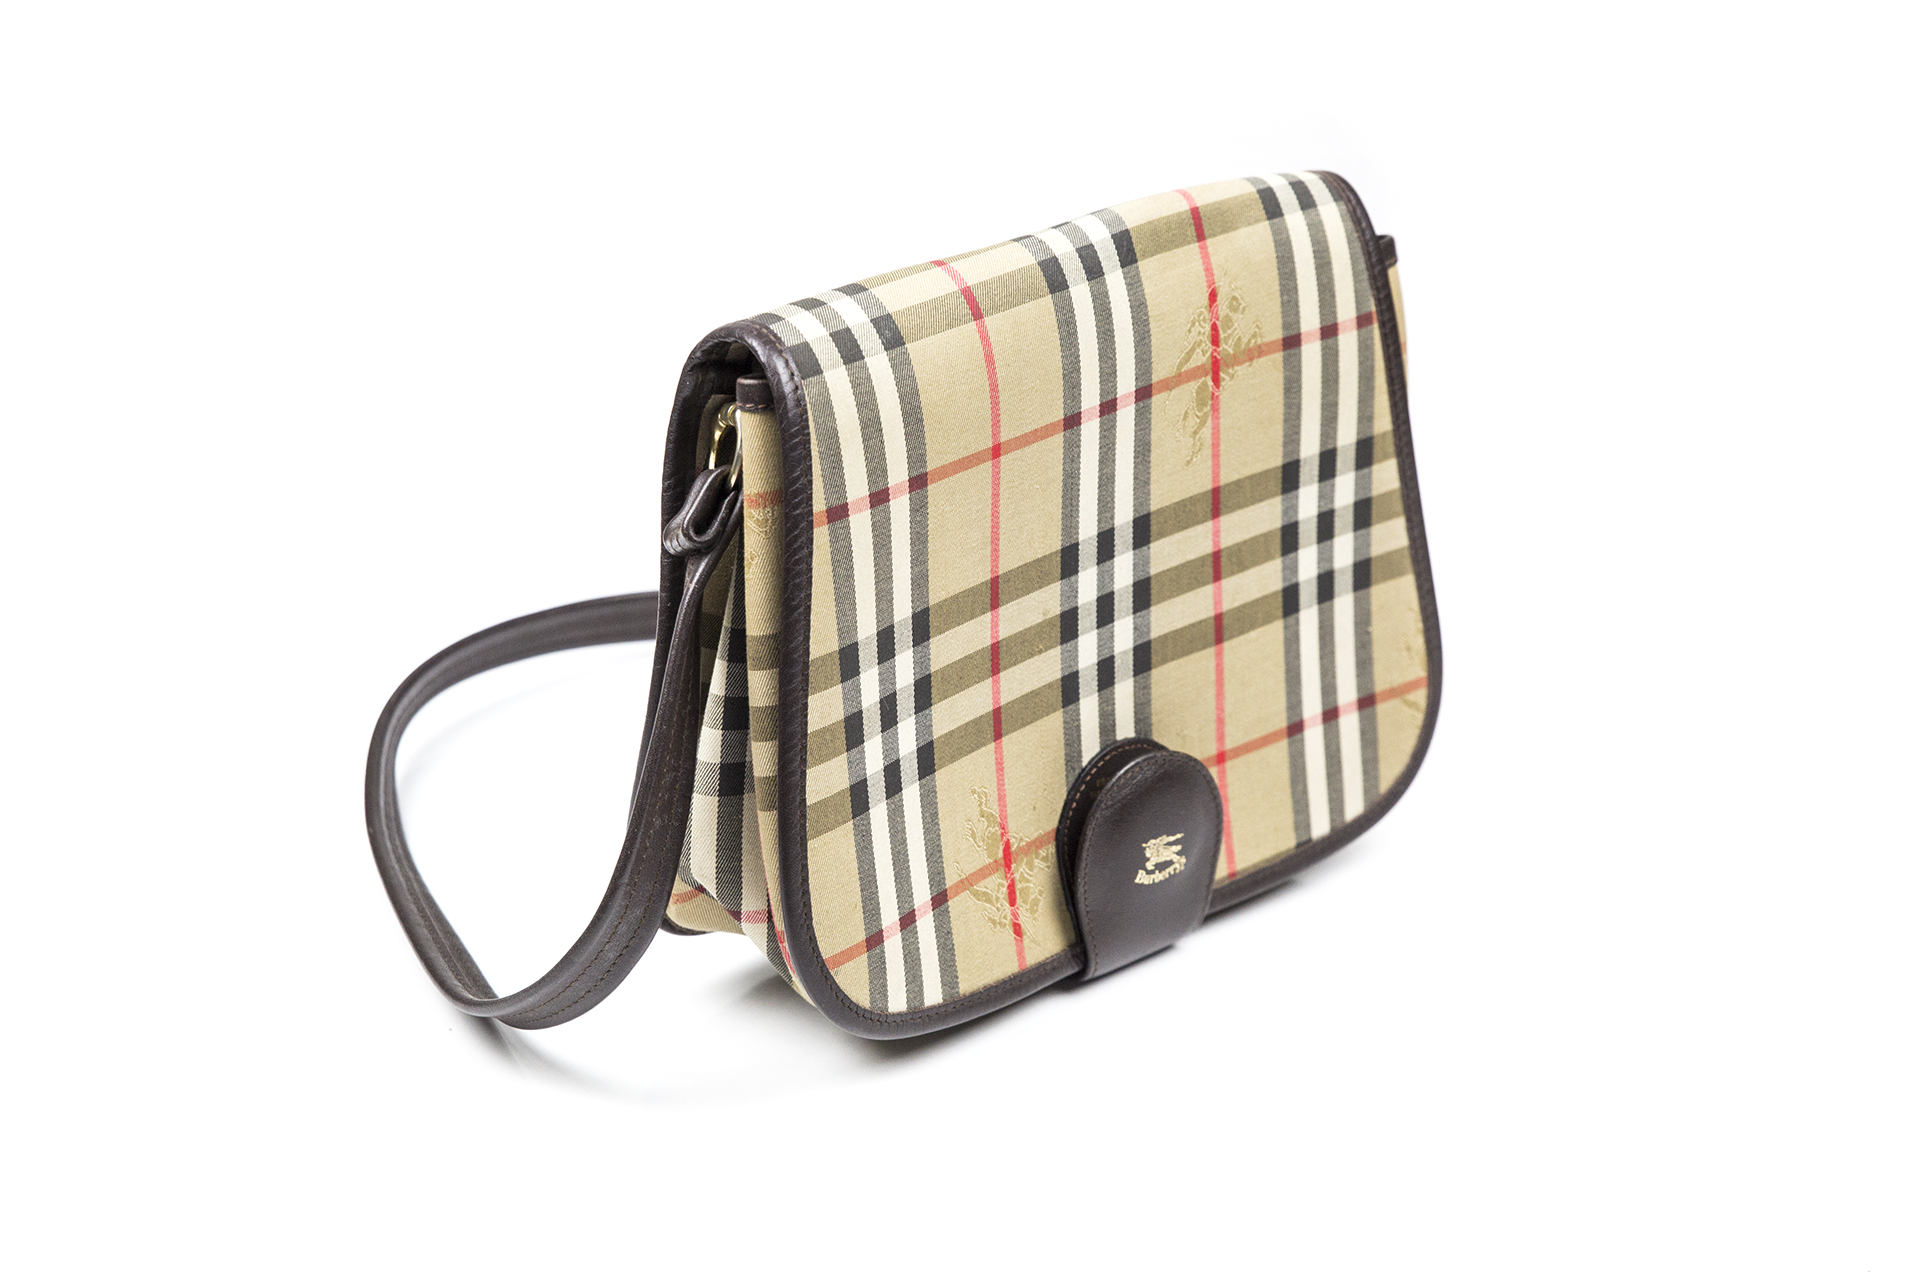 f322630dfd1 Burberry Crossbody Bag - RE-DEFINE